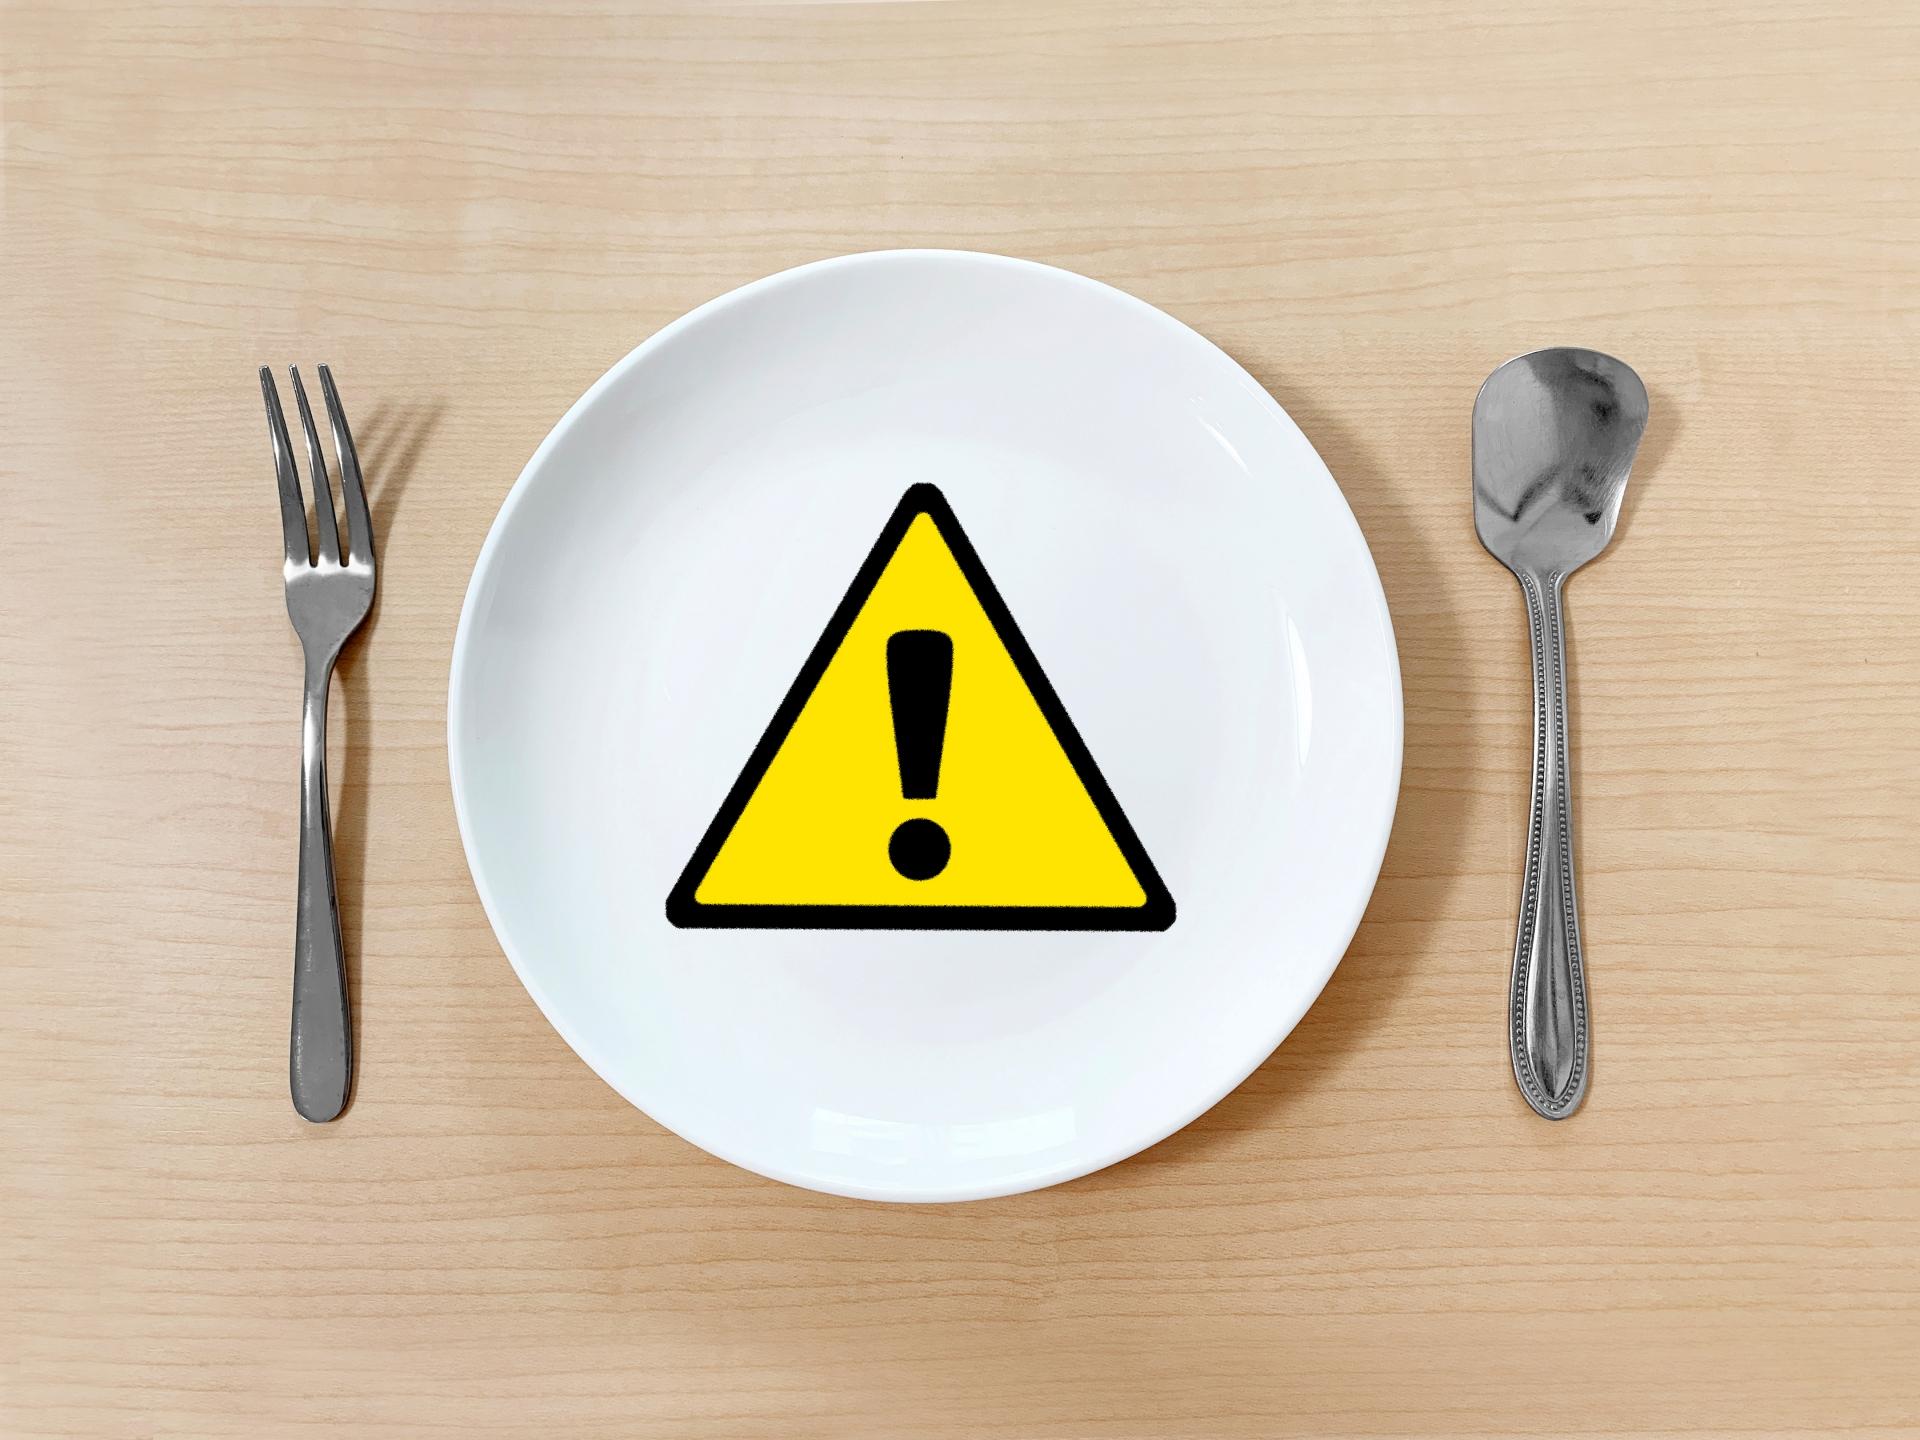 ネズミが運ぶサルモネラ菌による食中毒に注意